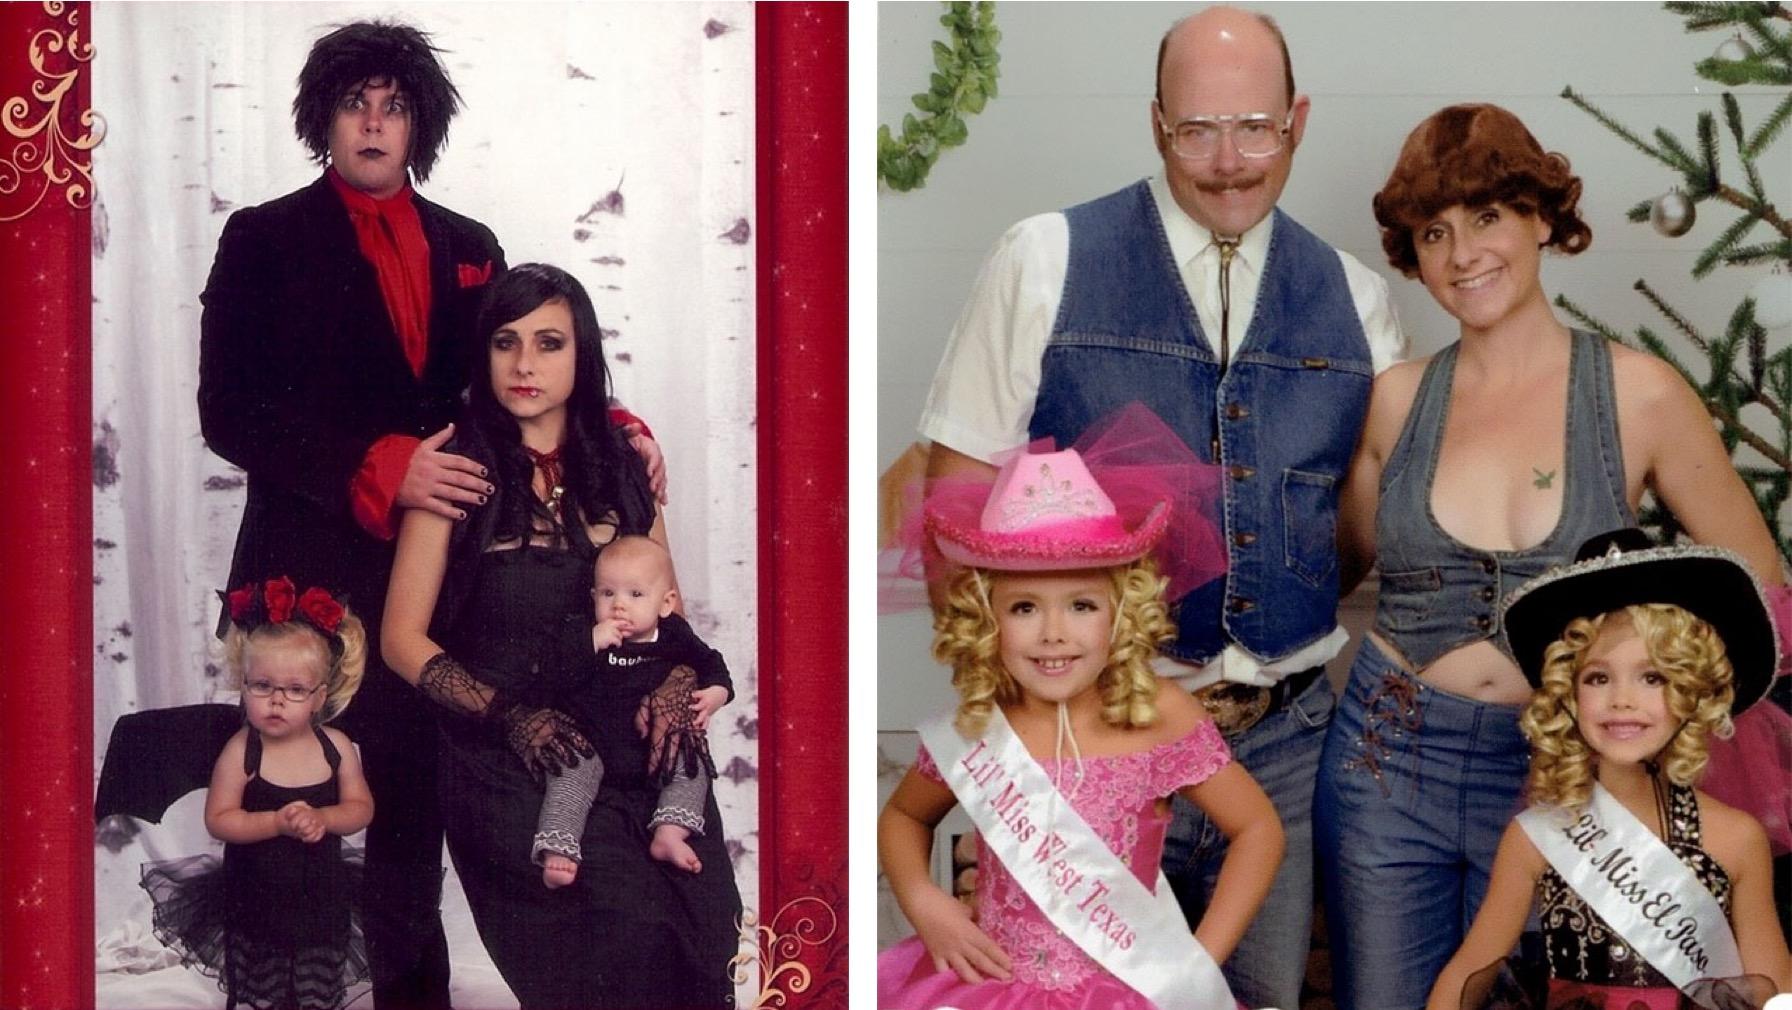 crafty family creates cringeworthy